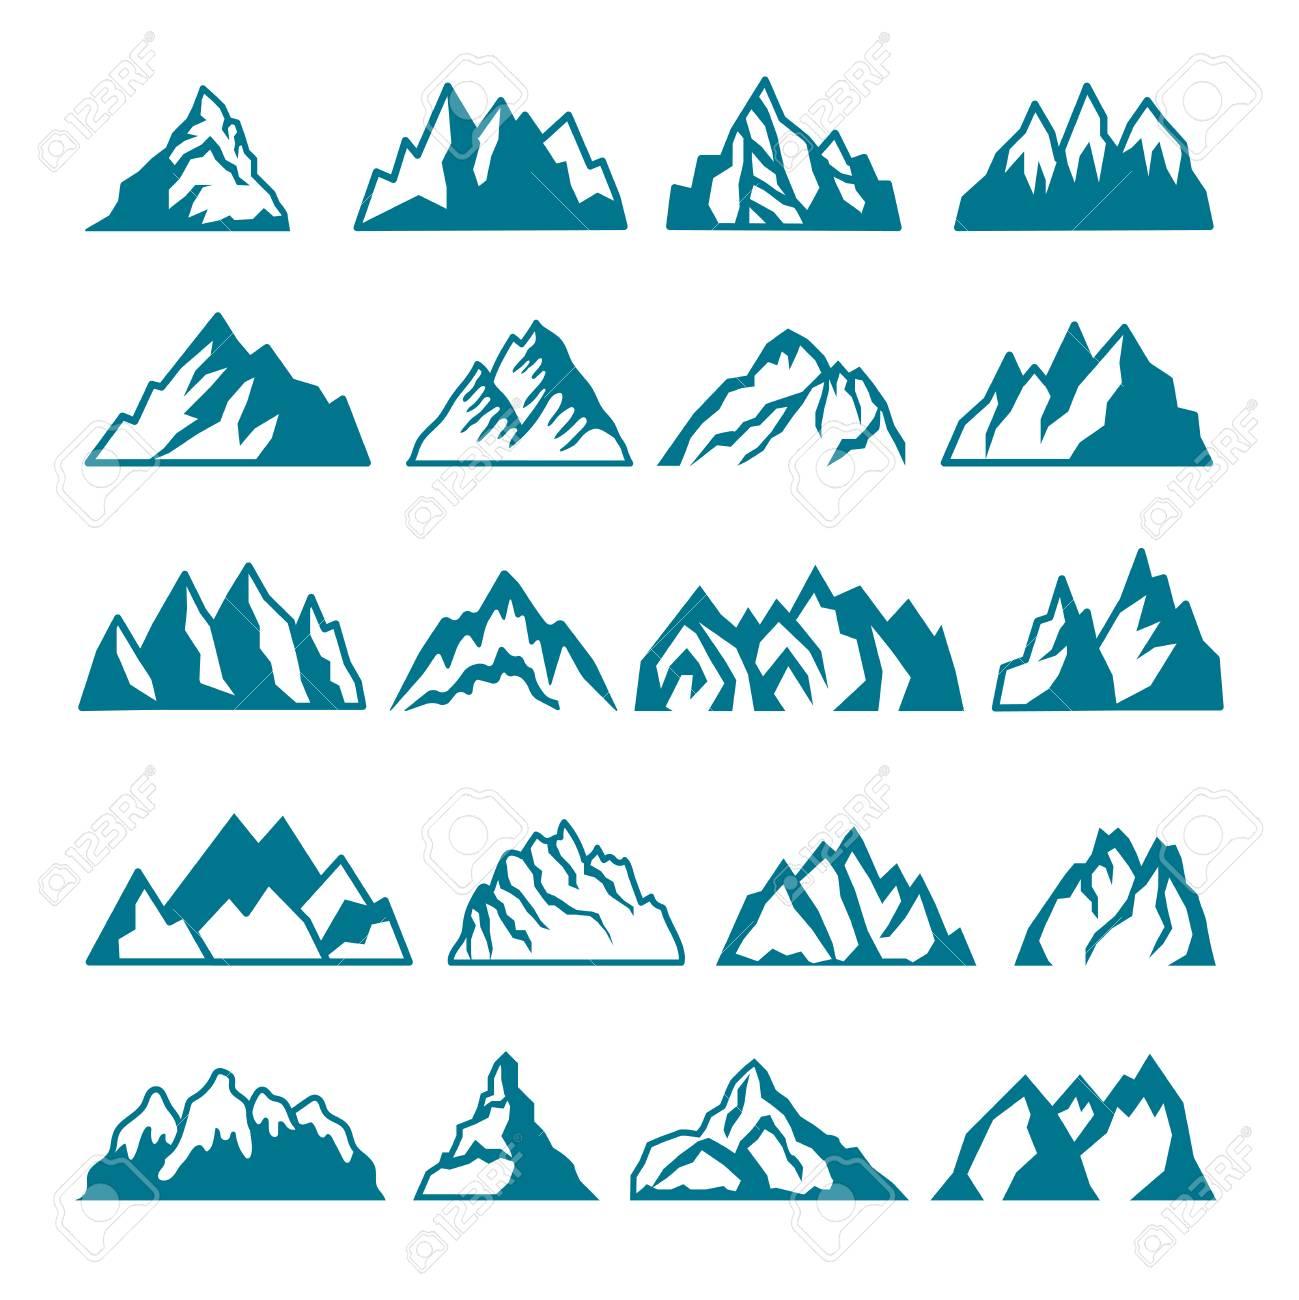 モノクロの写真は別山を設定しますラベル デザインのベクトルのコレクション山岩のシルエットと火山ヒル石図